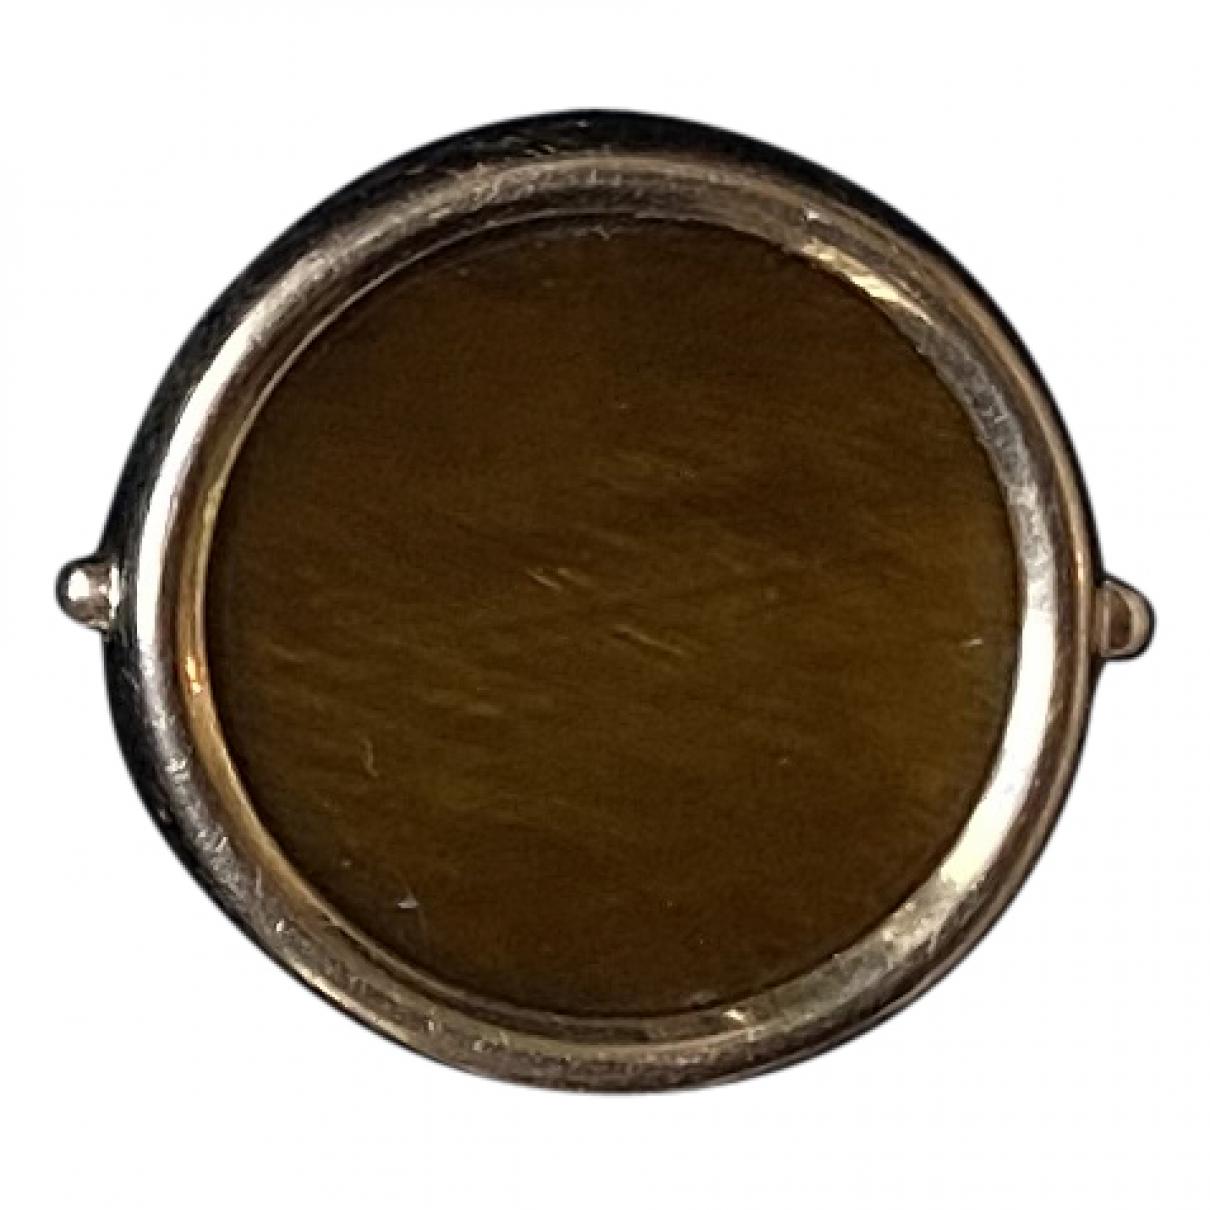 Ginette Ny - Bague Discs pour femme en or rose - marron